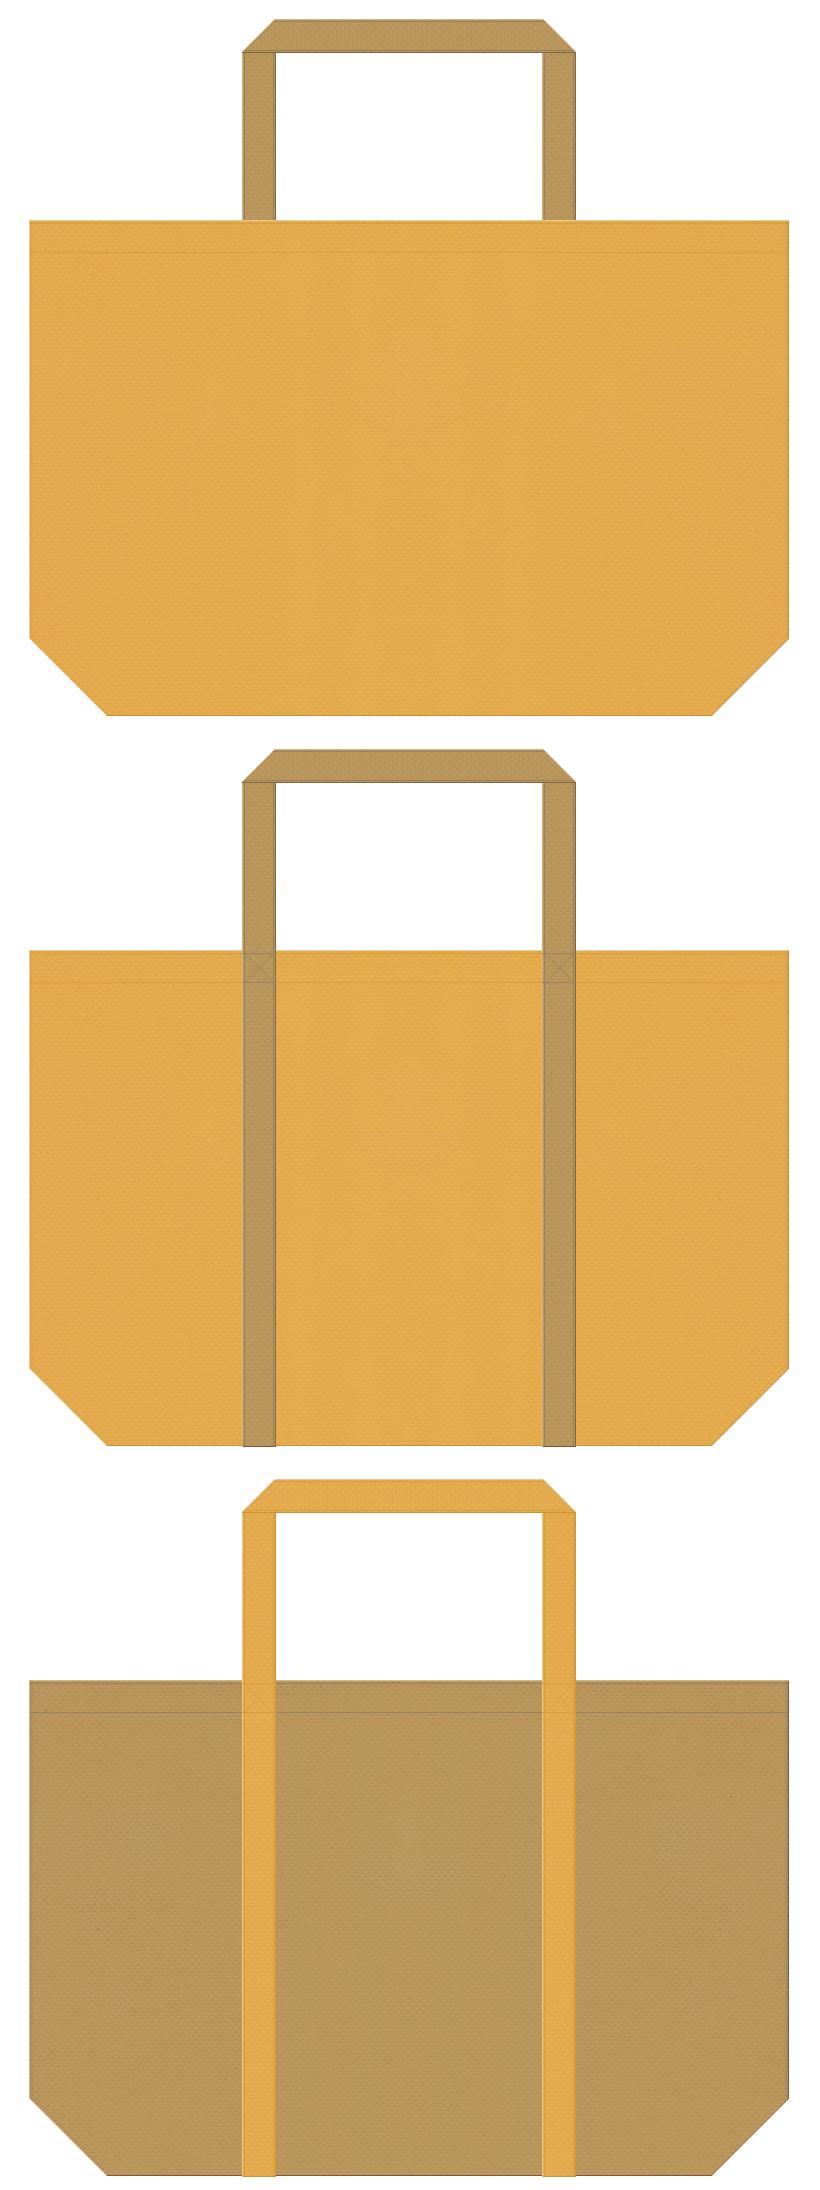 秋冬・セーター・手芸・毛糸・相撲・土俵・米俵・日曜大工・木工・工作教室・DIY・カレーパン・ベーカリーのショッピングバッグにお奨めの不織布バッグデザイン:黄土色と金黄土色のコーデ